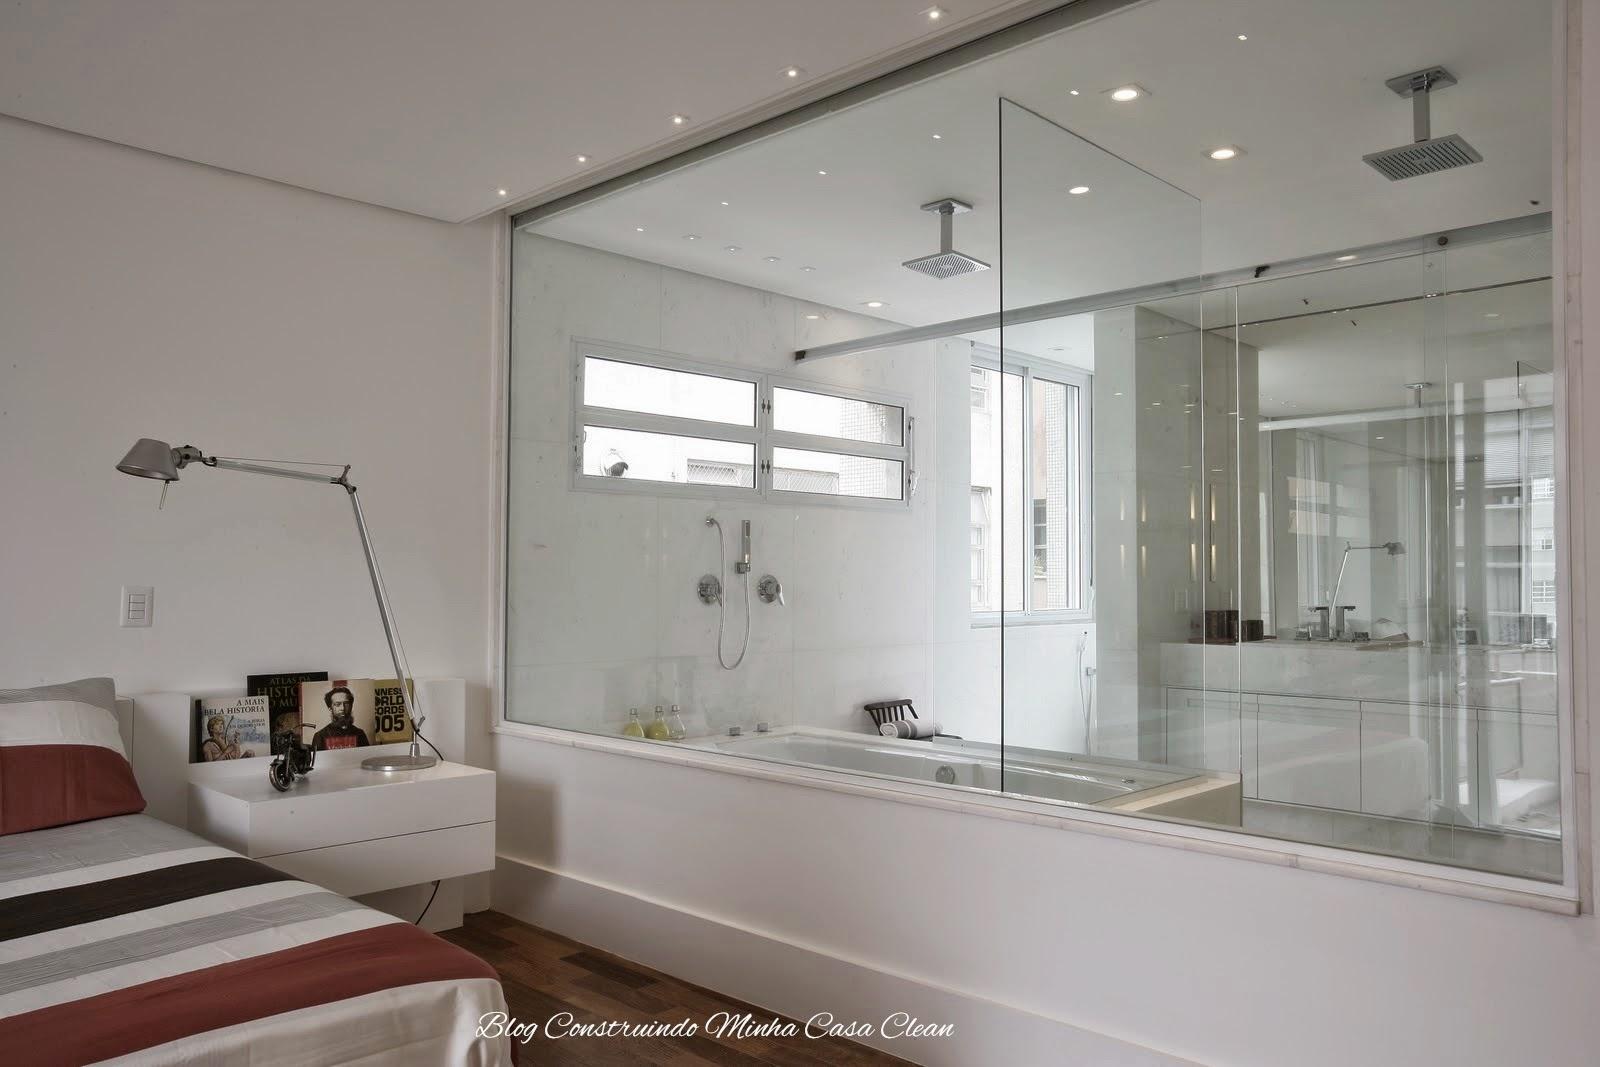 Minha Casa Clean: Quartos Integrados com Banheiros de Vidros #402C23 1600 1067